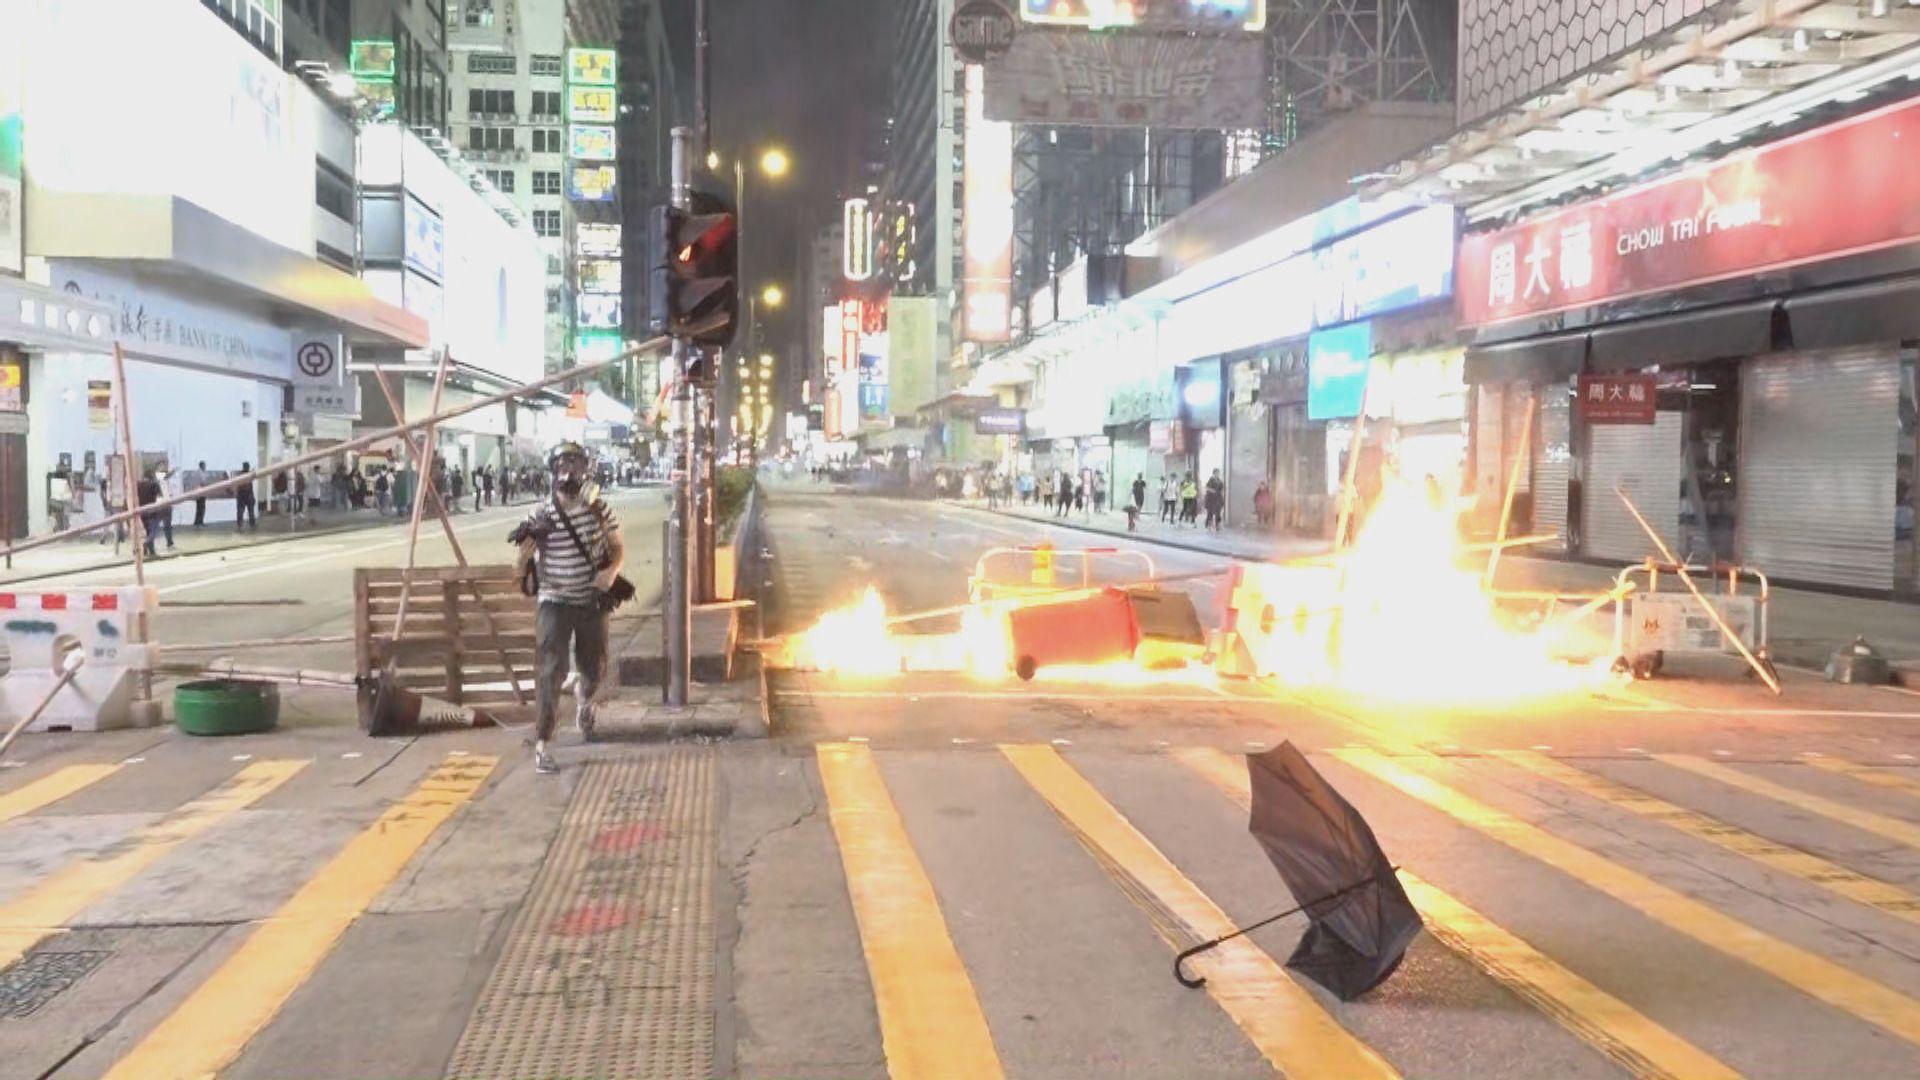 示威者旺角築路障縱火 防暴警射催淚彈驅散